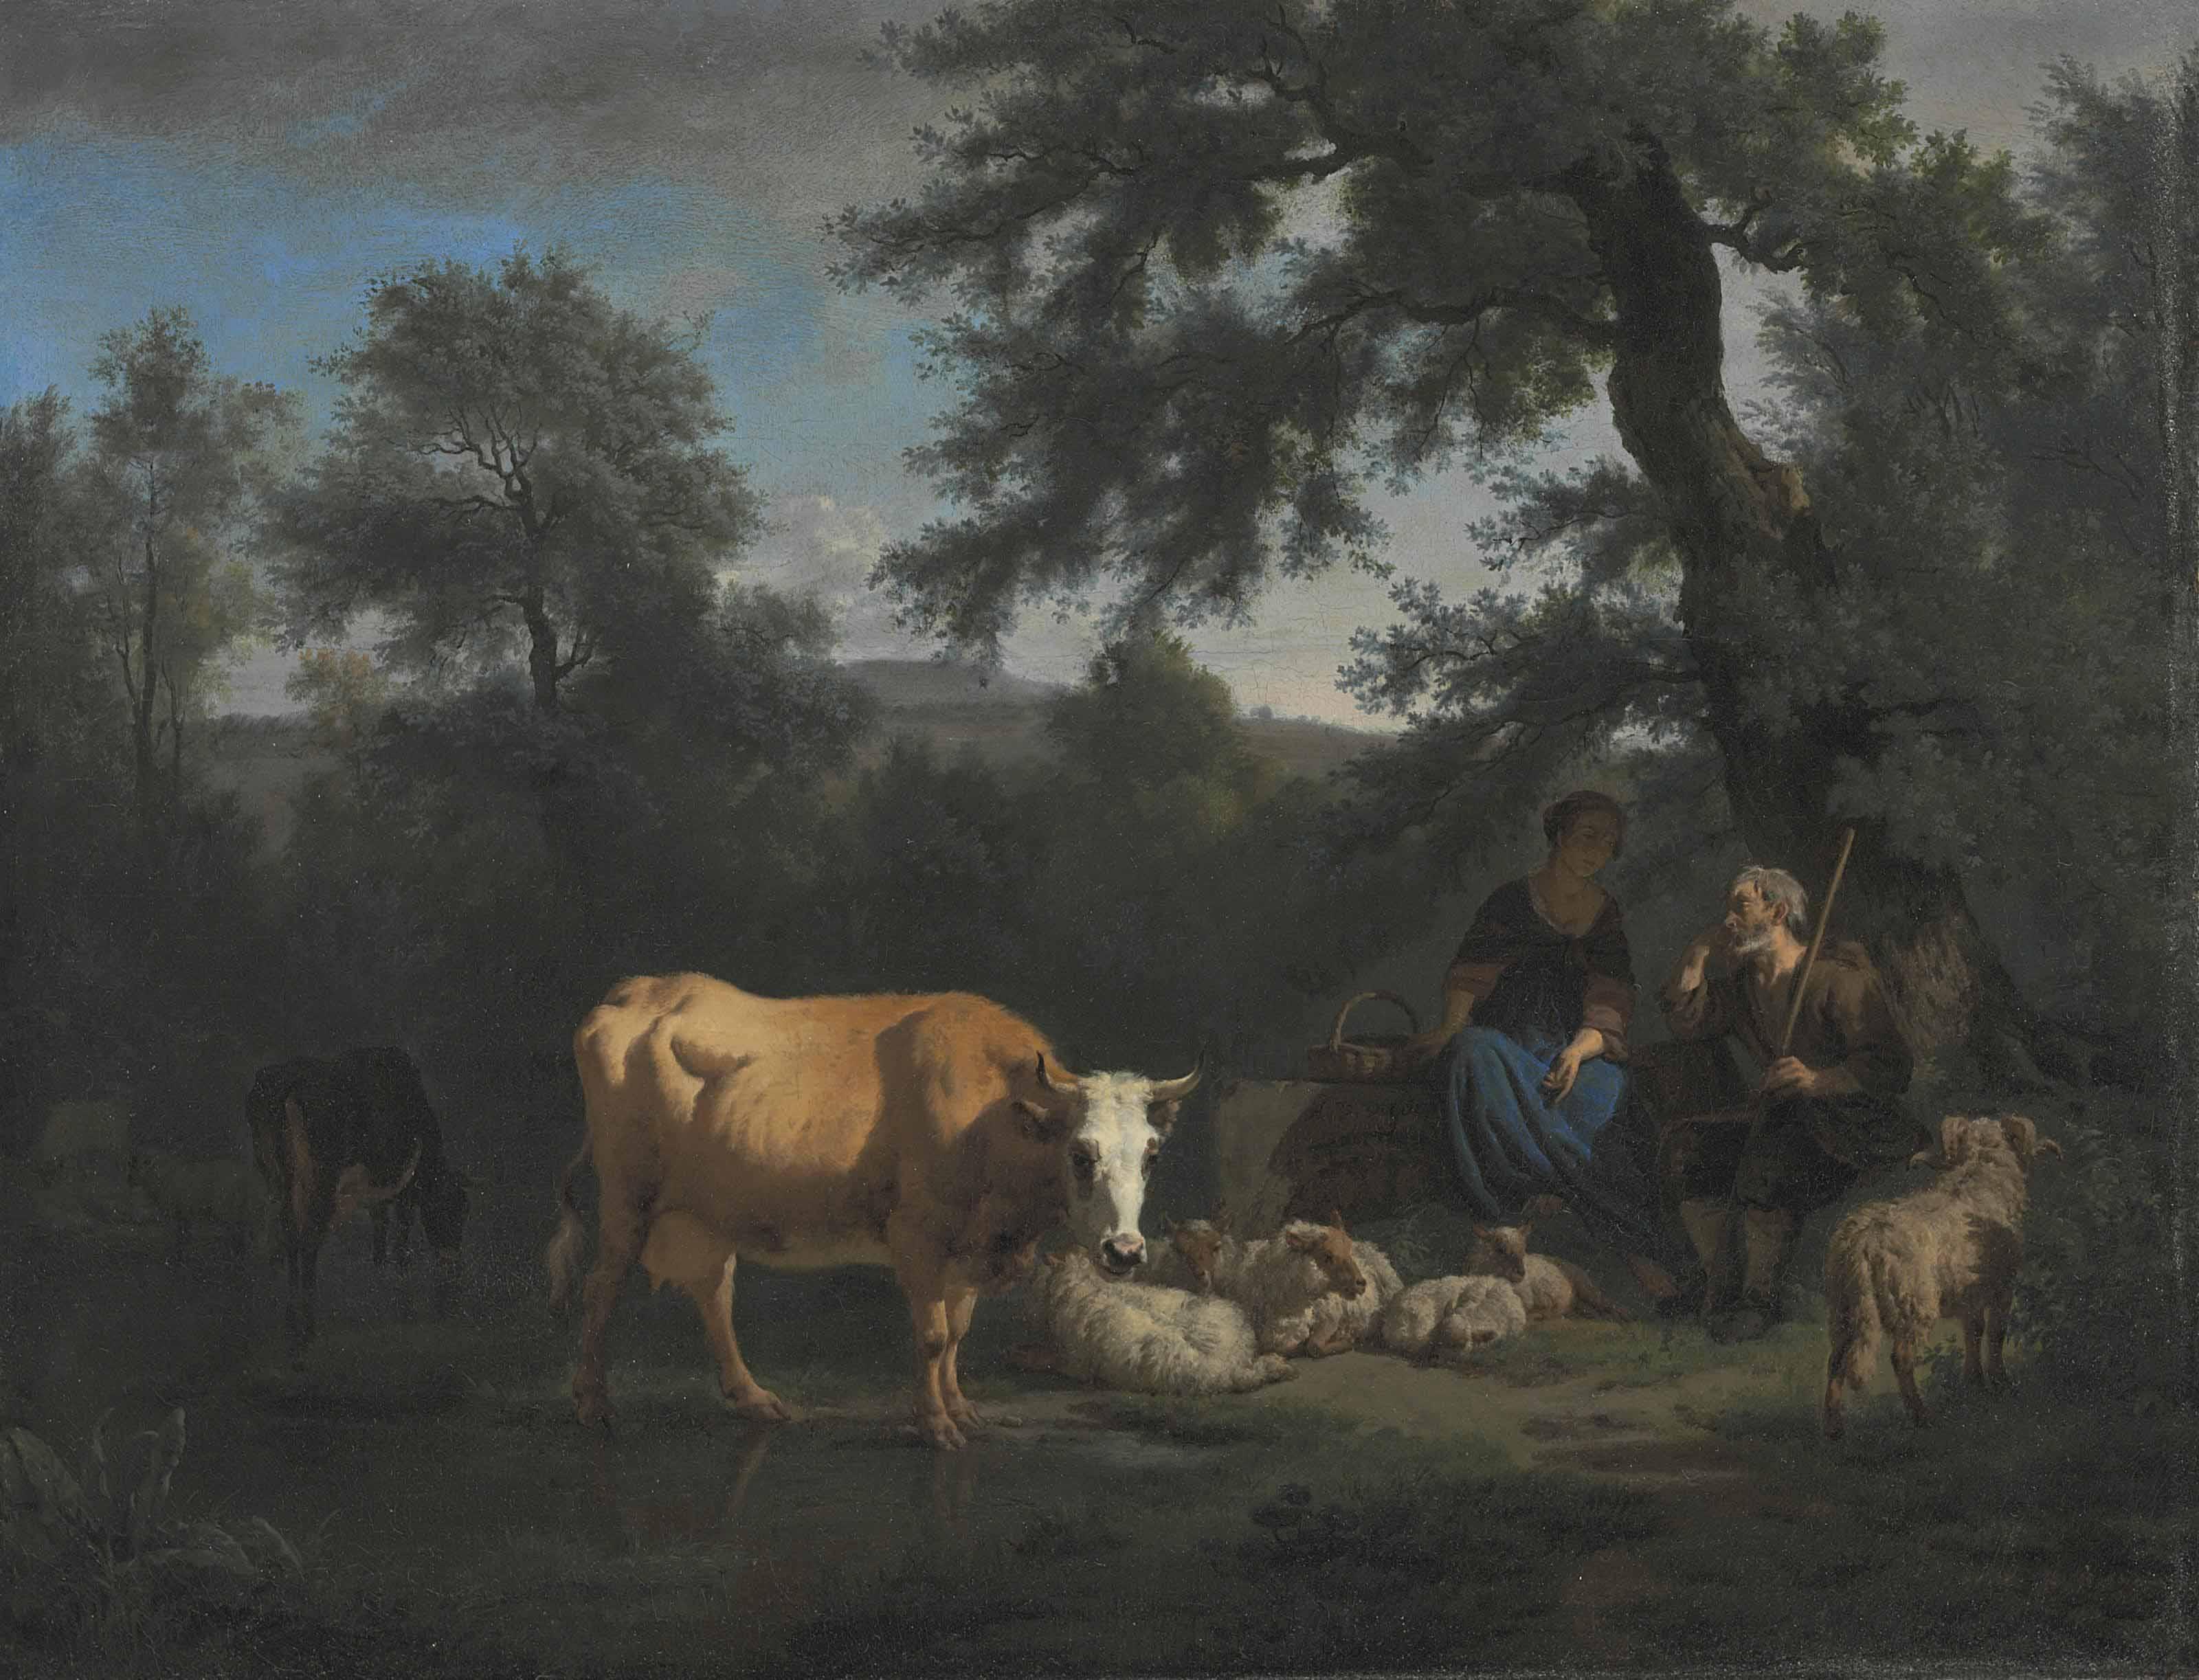 Adriaen van de Velde (Amsterda